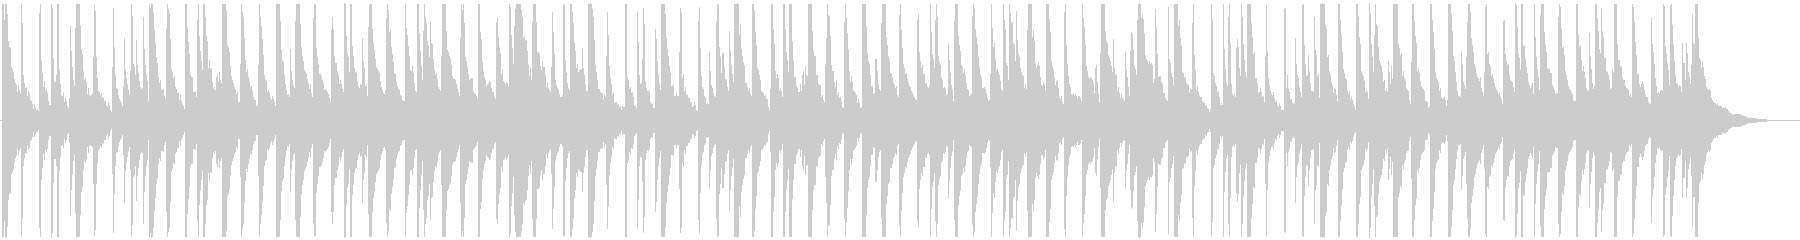 夏の夕暮れに合うノスタルジックなウクレレの未再生の波形